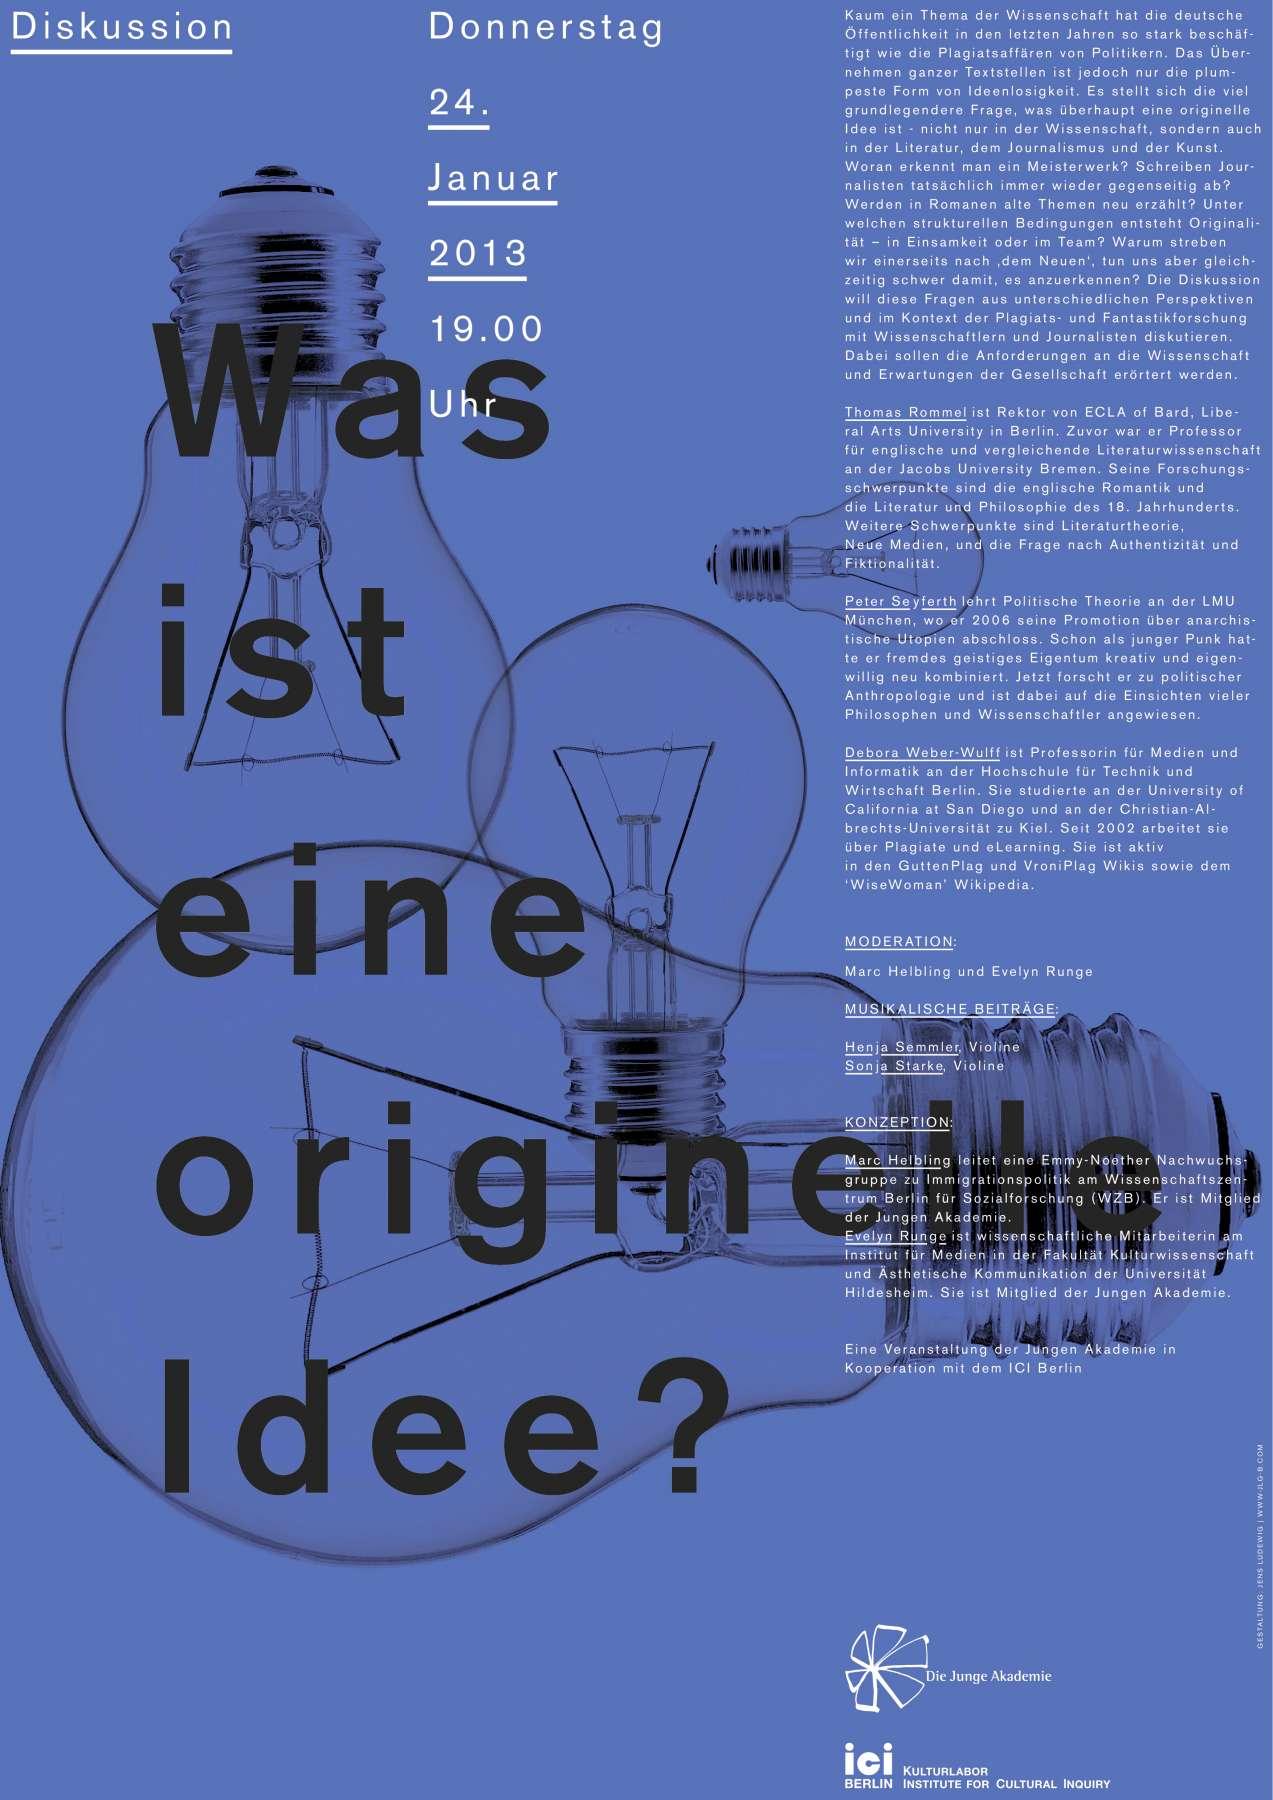 Poster was ist eine originelle idee